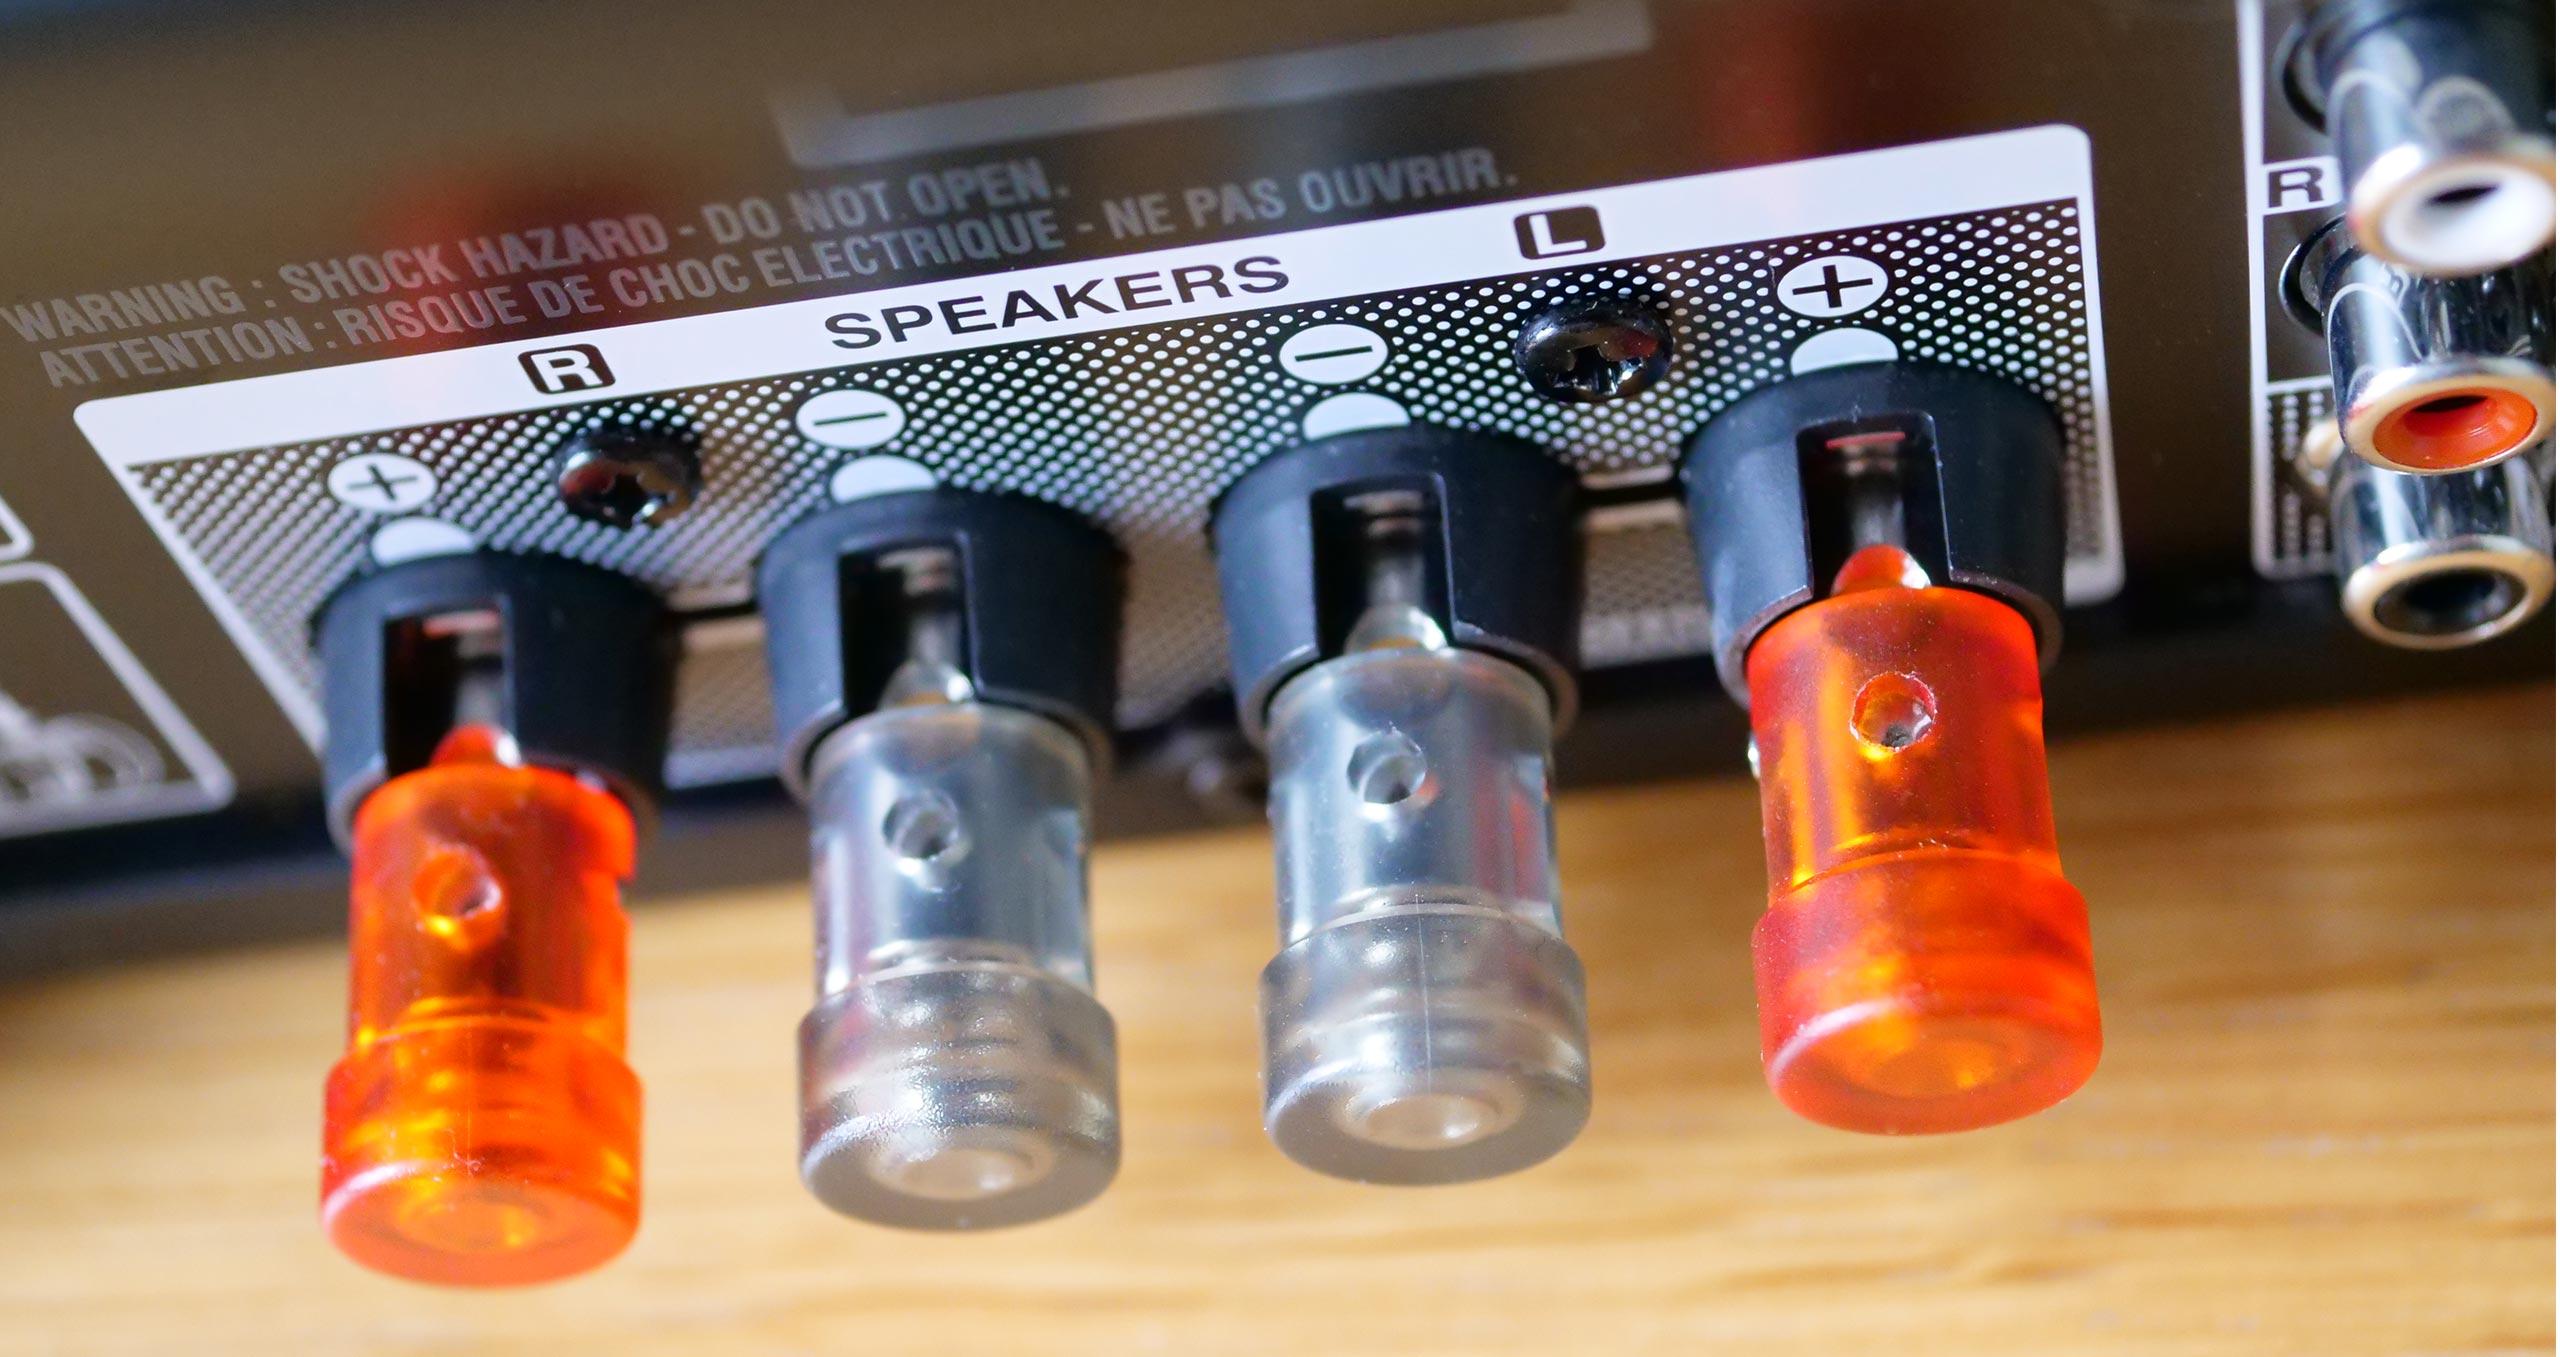 Les borniers poussoirs pour les câbles haut-parleurs sont bien protégés, mais ils acceptent essentiellement du 1,5mm2 de diamètre seulement.